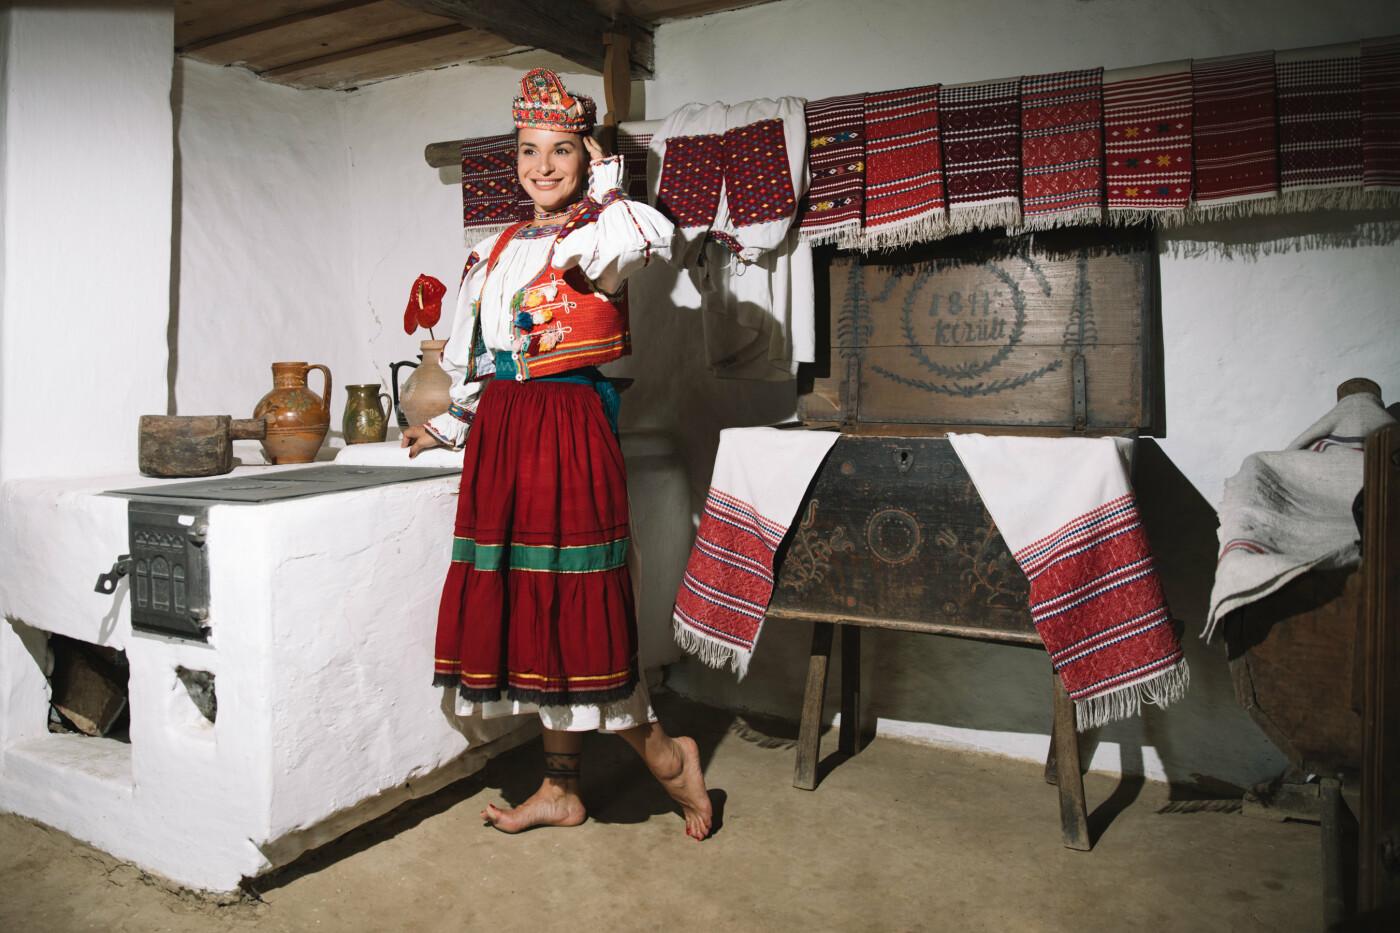 Історичне вбрання жінок Закарпаття презентували в сучасних образах (ФОТО, ВІДЕО), фото-10